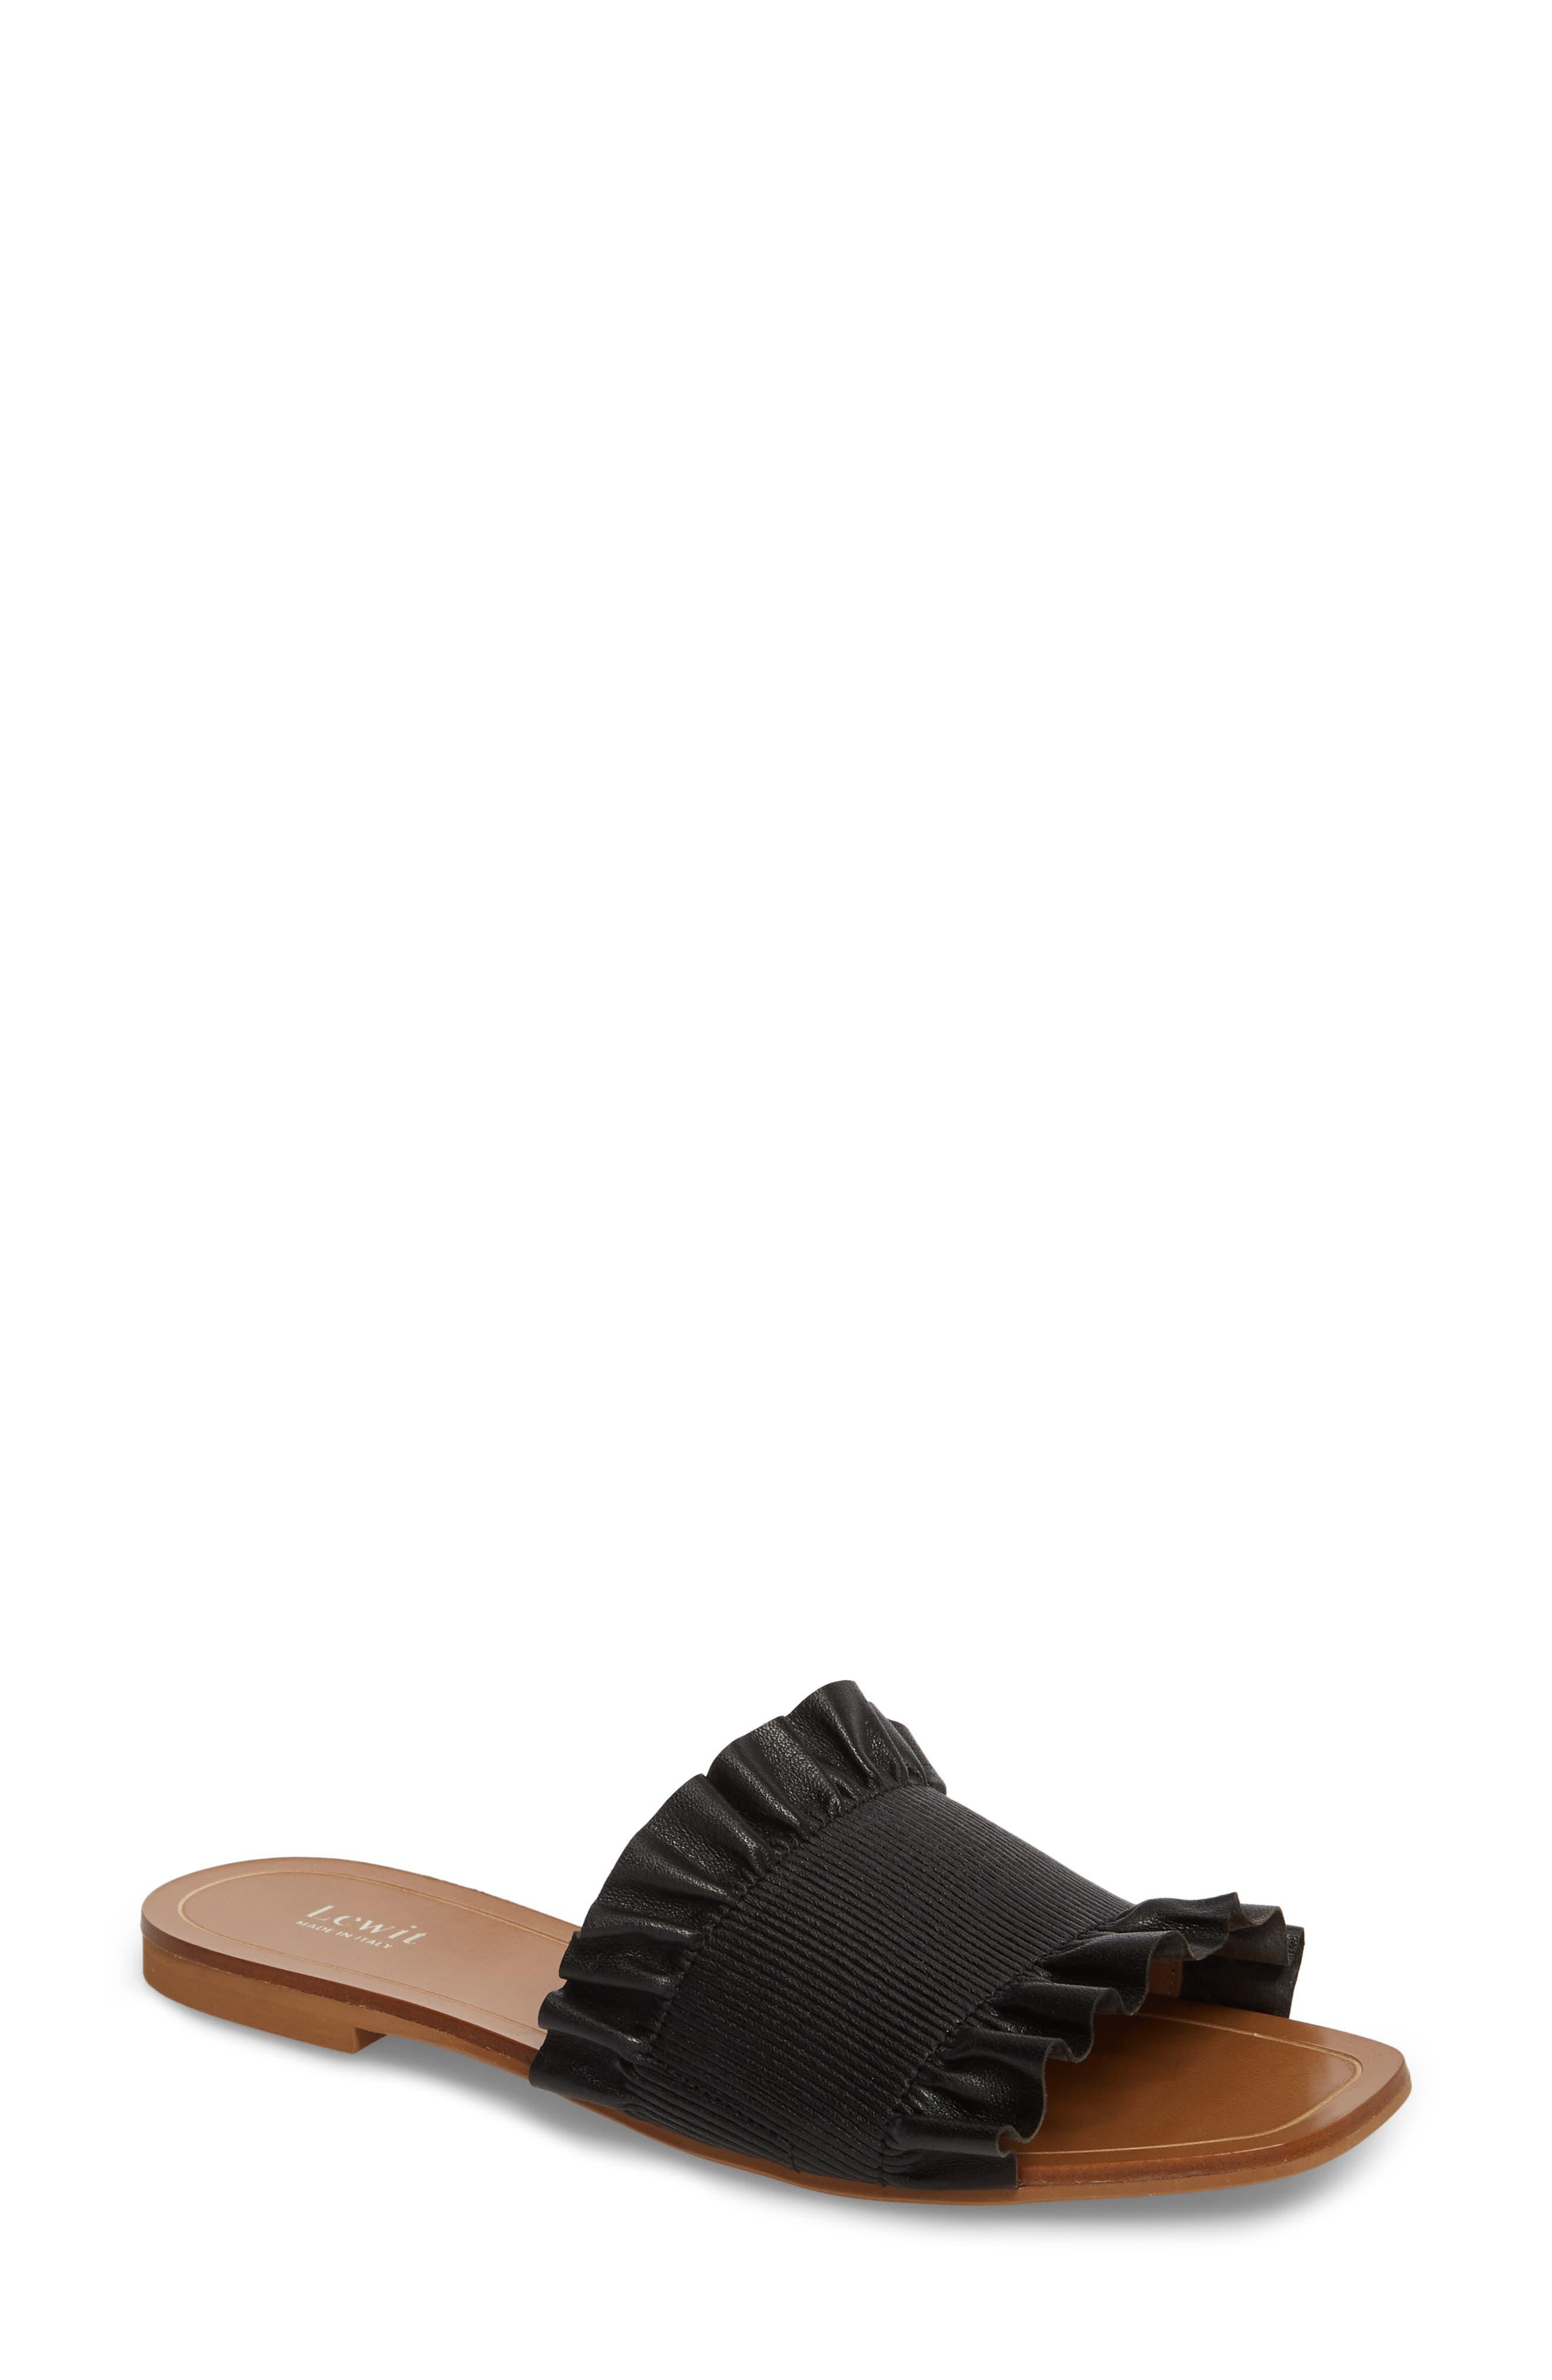 Cassandra Ruffle Slide Sandal,                         Main,                         color, 001